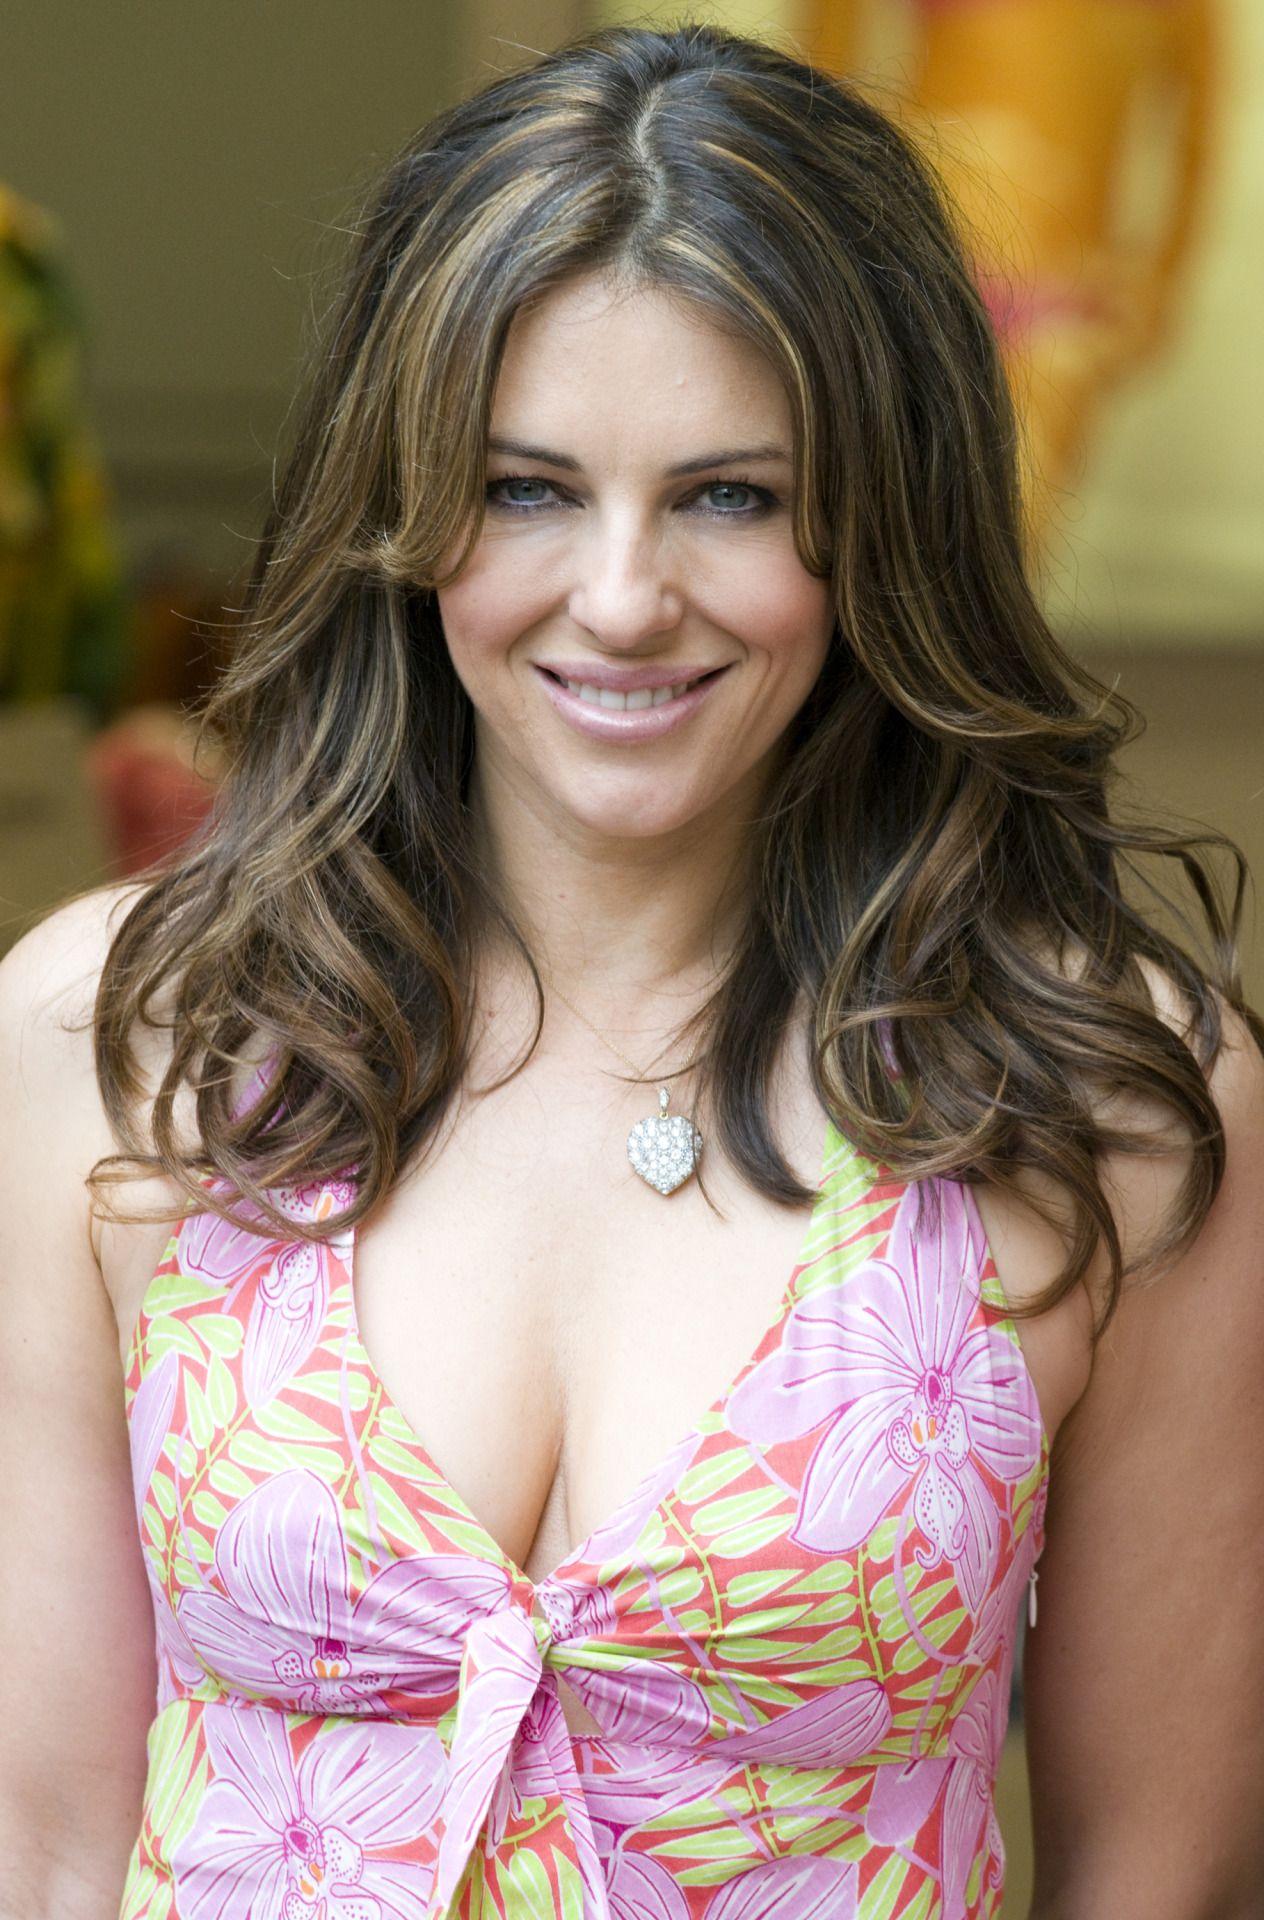 cleavage Elizabeth hurley